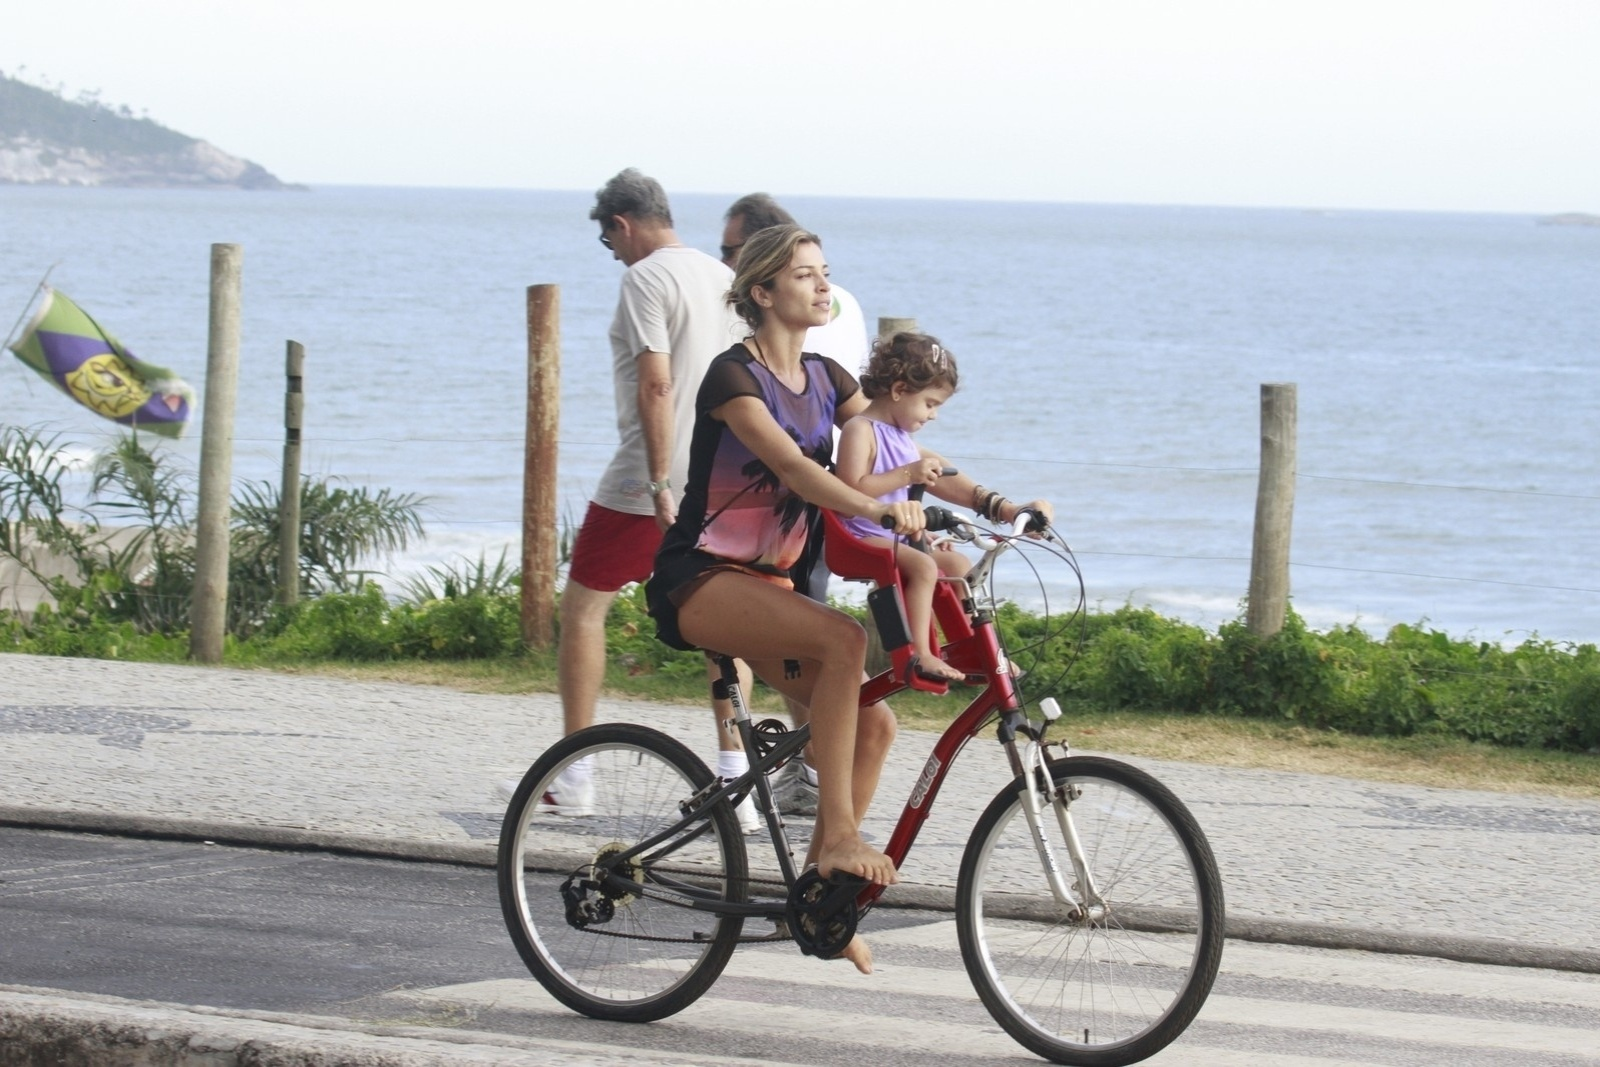 9.jan.2014 - Grazi Massafera passeou de bicicleta com a filha, Sofia, pela orla da praia da Barra da Tijuca, zona oeste do Rio. A menina é fruto do casamento da atriz com Cauã Reymond. O casal anunciou a separação recentemente